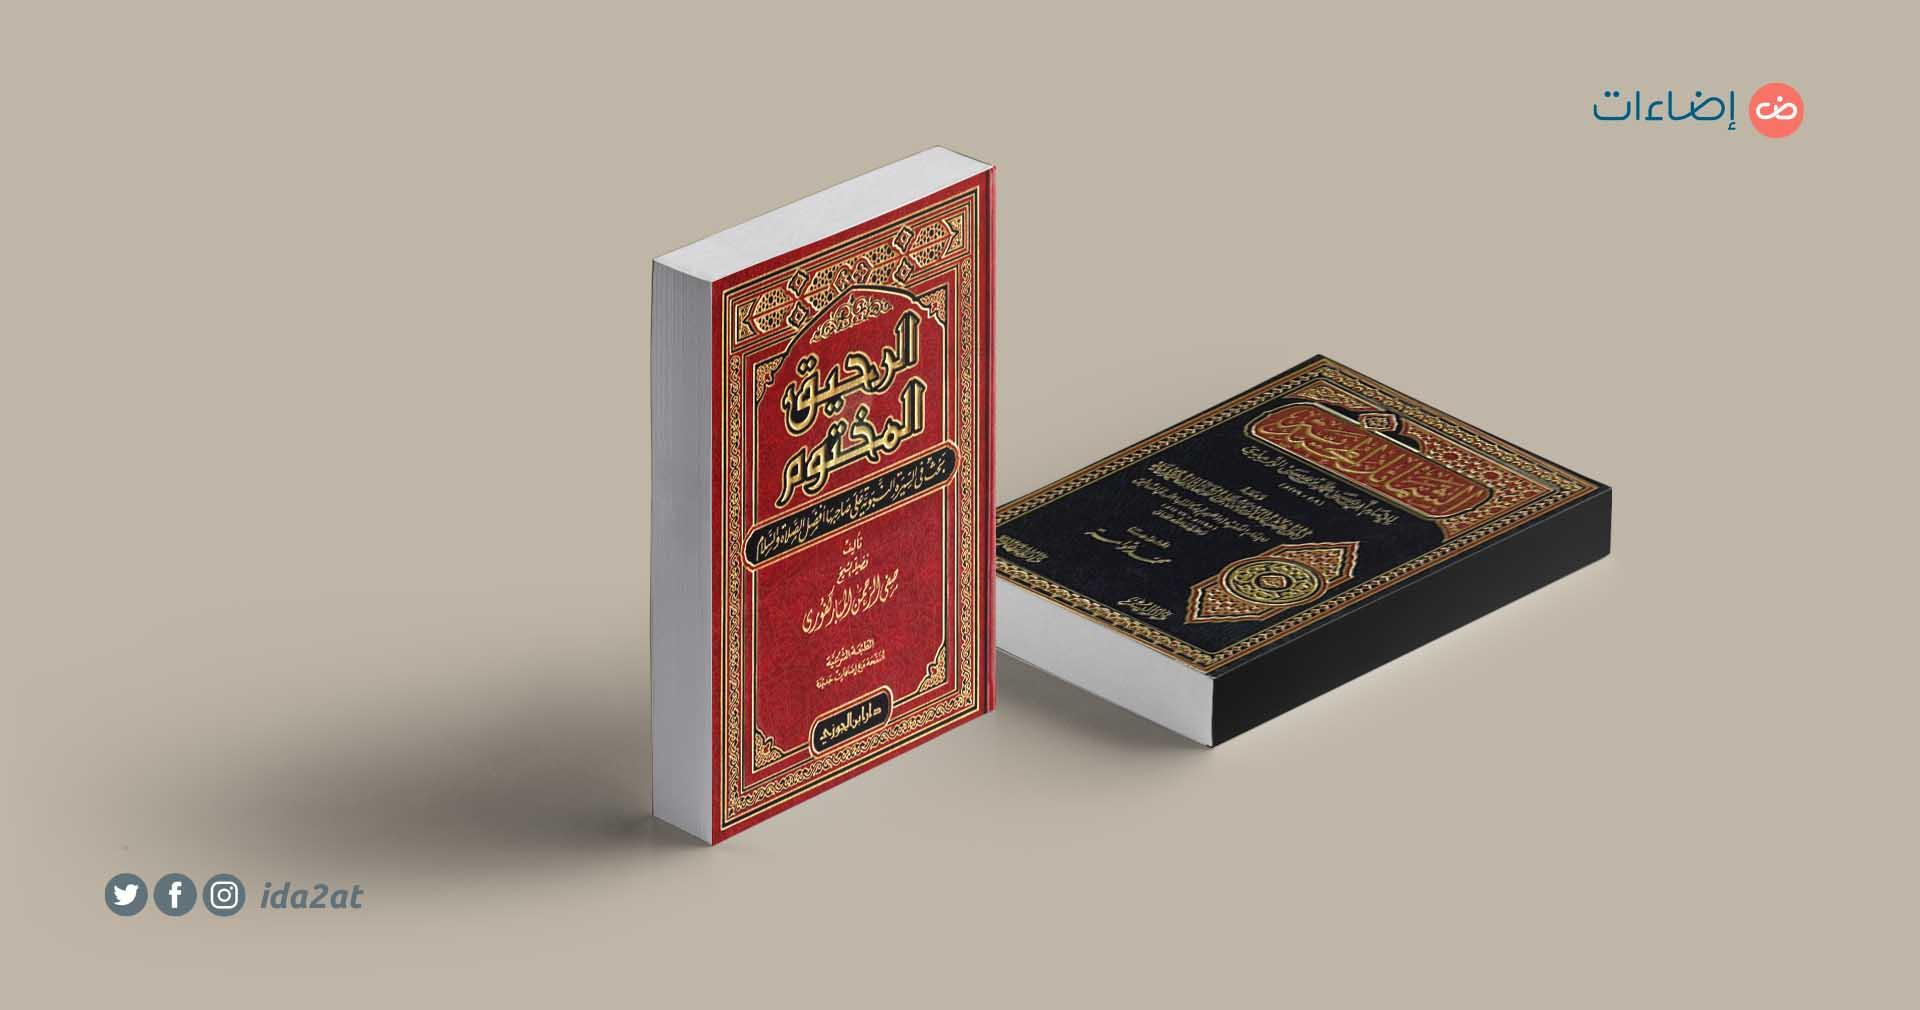 كتب سيرة النبي محمد ﷺ: الشمائل المحمدية، الرحيق المختوم